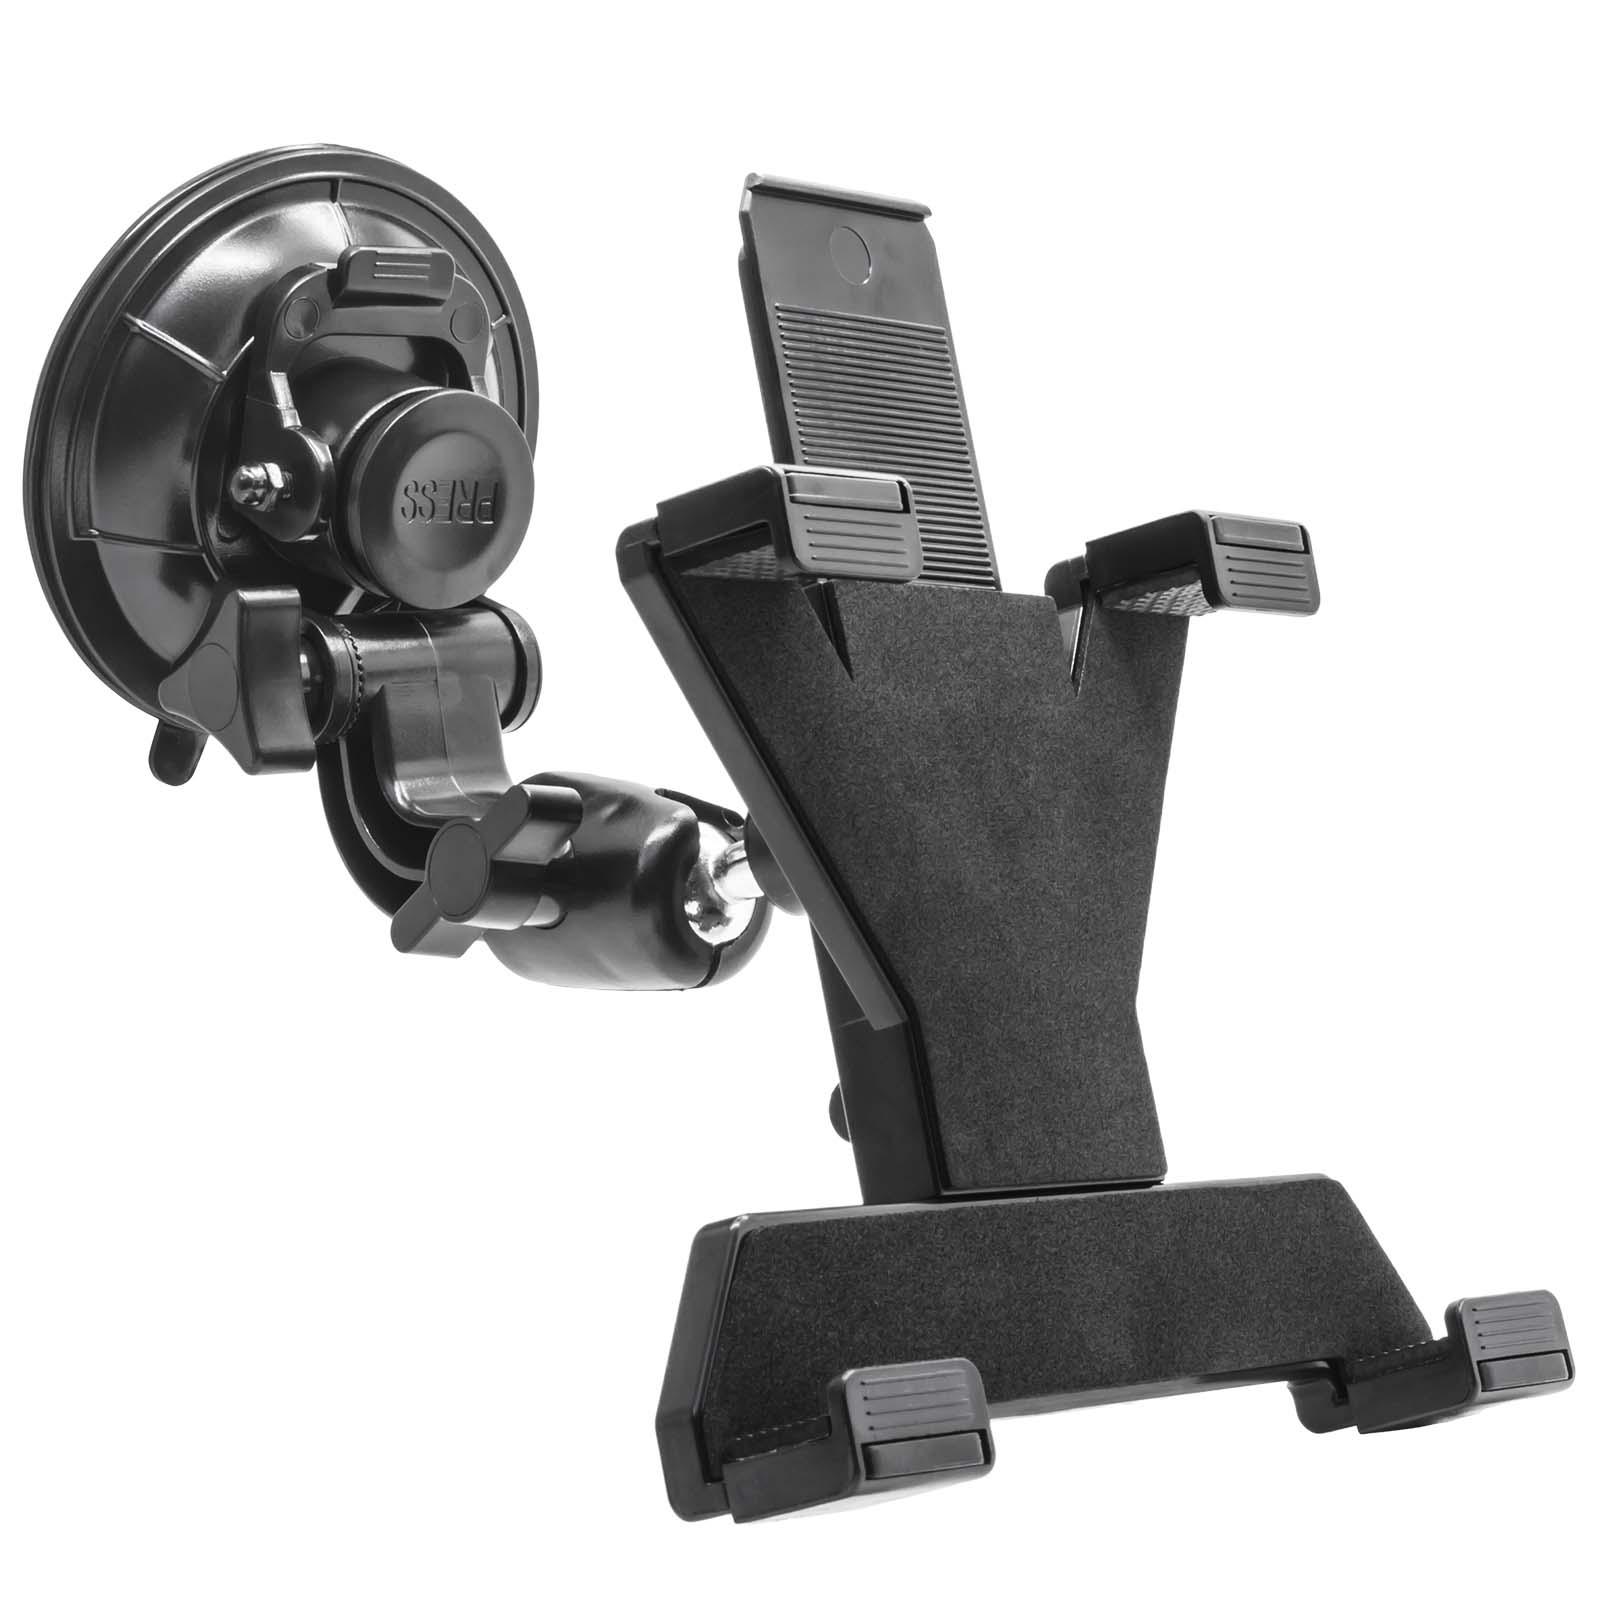 360 universal kfz tablet halterung halter car holder pkw navigation lkw ipad tablet mobilefox. Black Bedroom Furniture Sets. Home Design Ideas